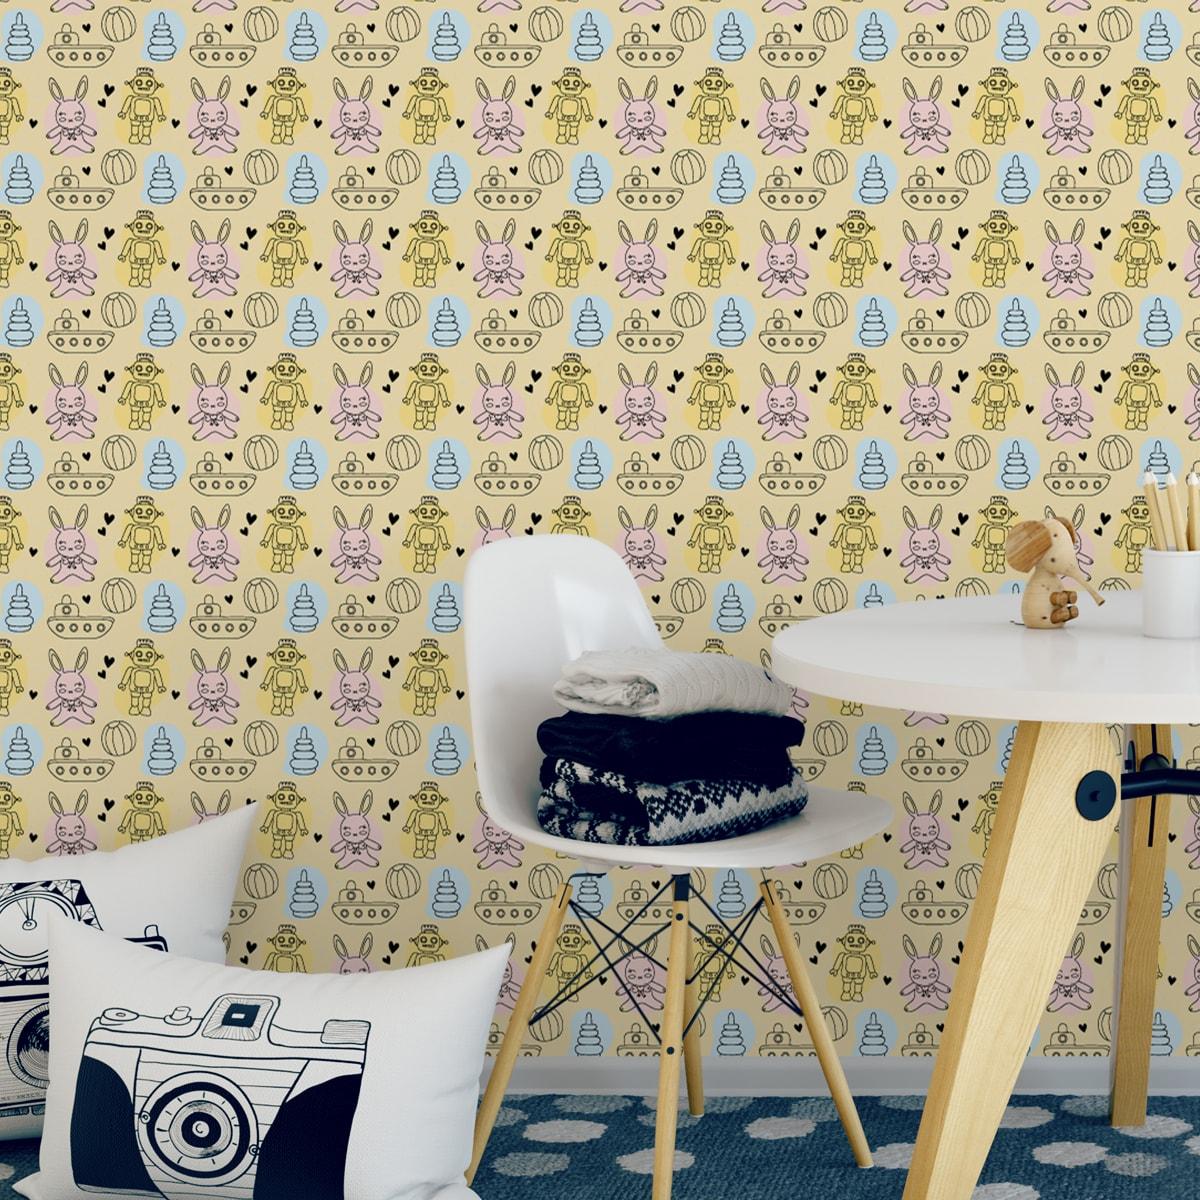 """Jugend Tapete gelb: Tolle Kinder Jugend Tapete """"Toy Zone"""" mit lustigem Spielzeug und Robotern auf gelb angepasst an Little Greene Wandfarben- Vliestapete Tiere"""